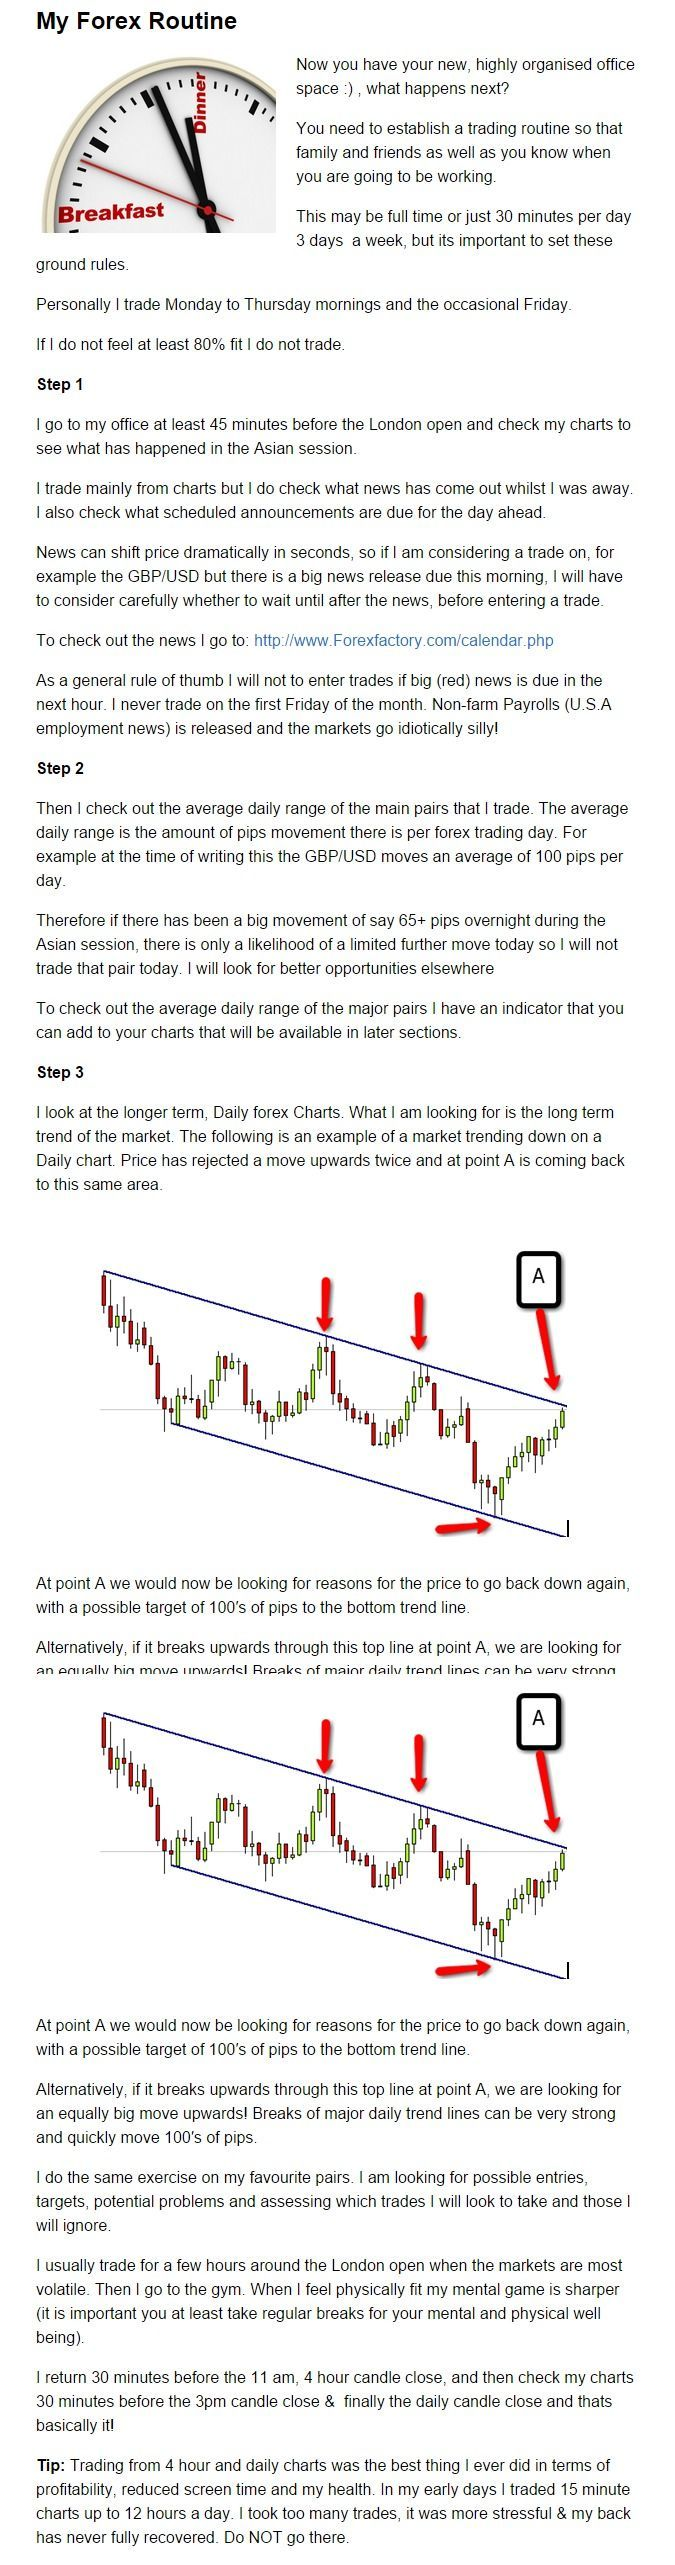 Trading company strategies